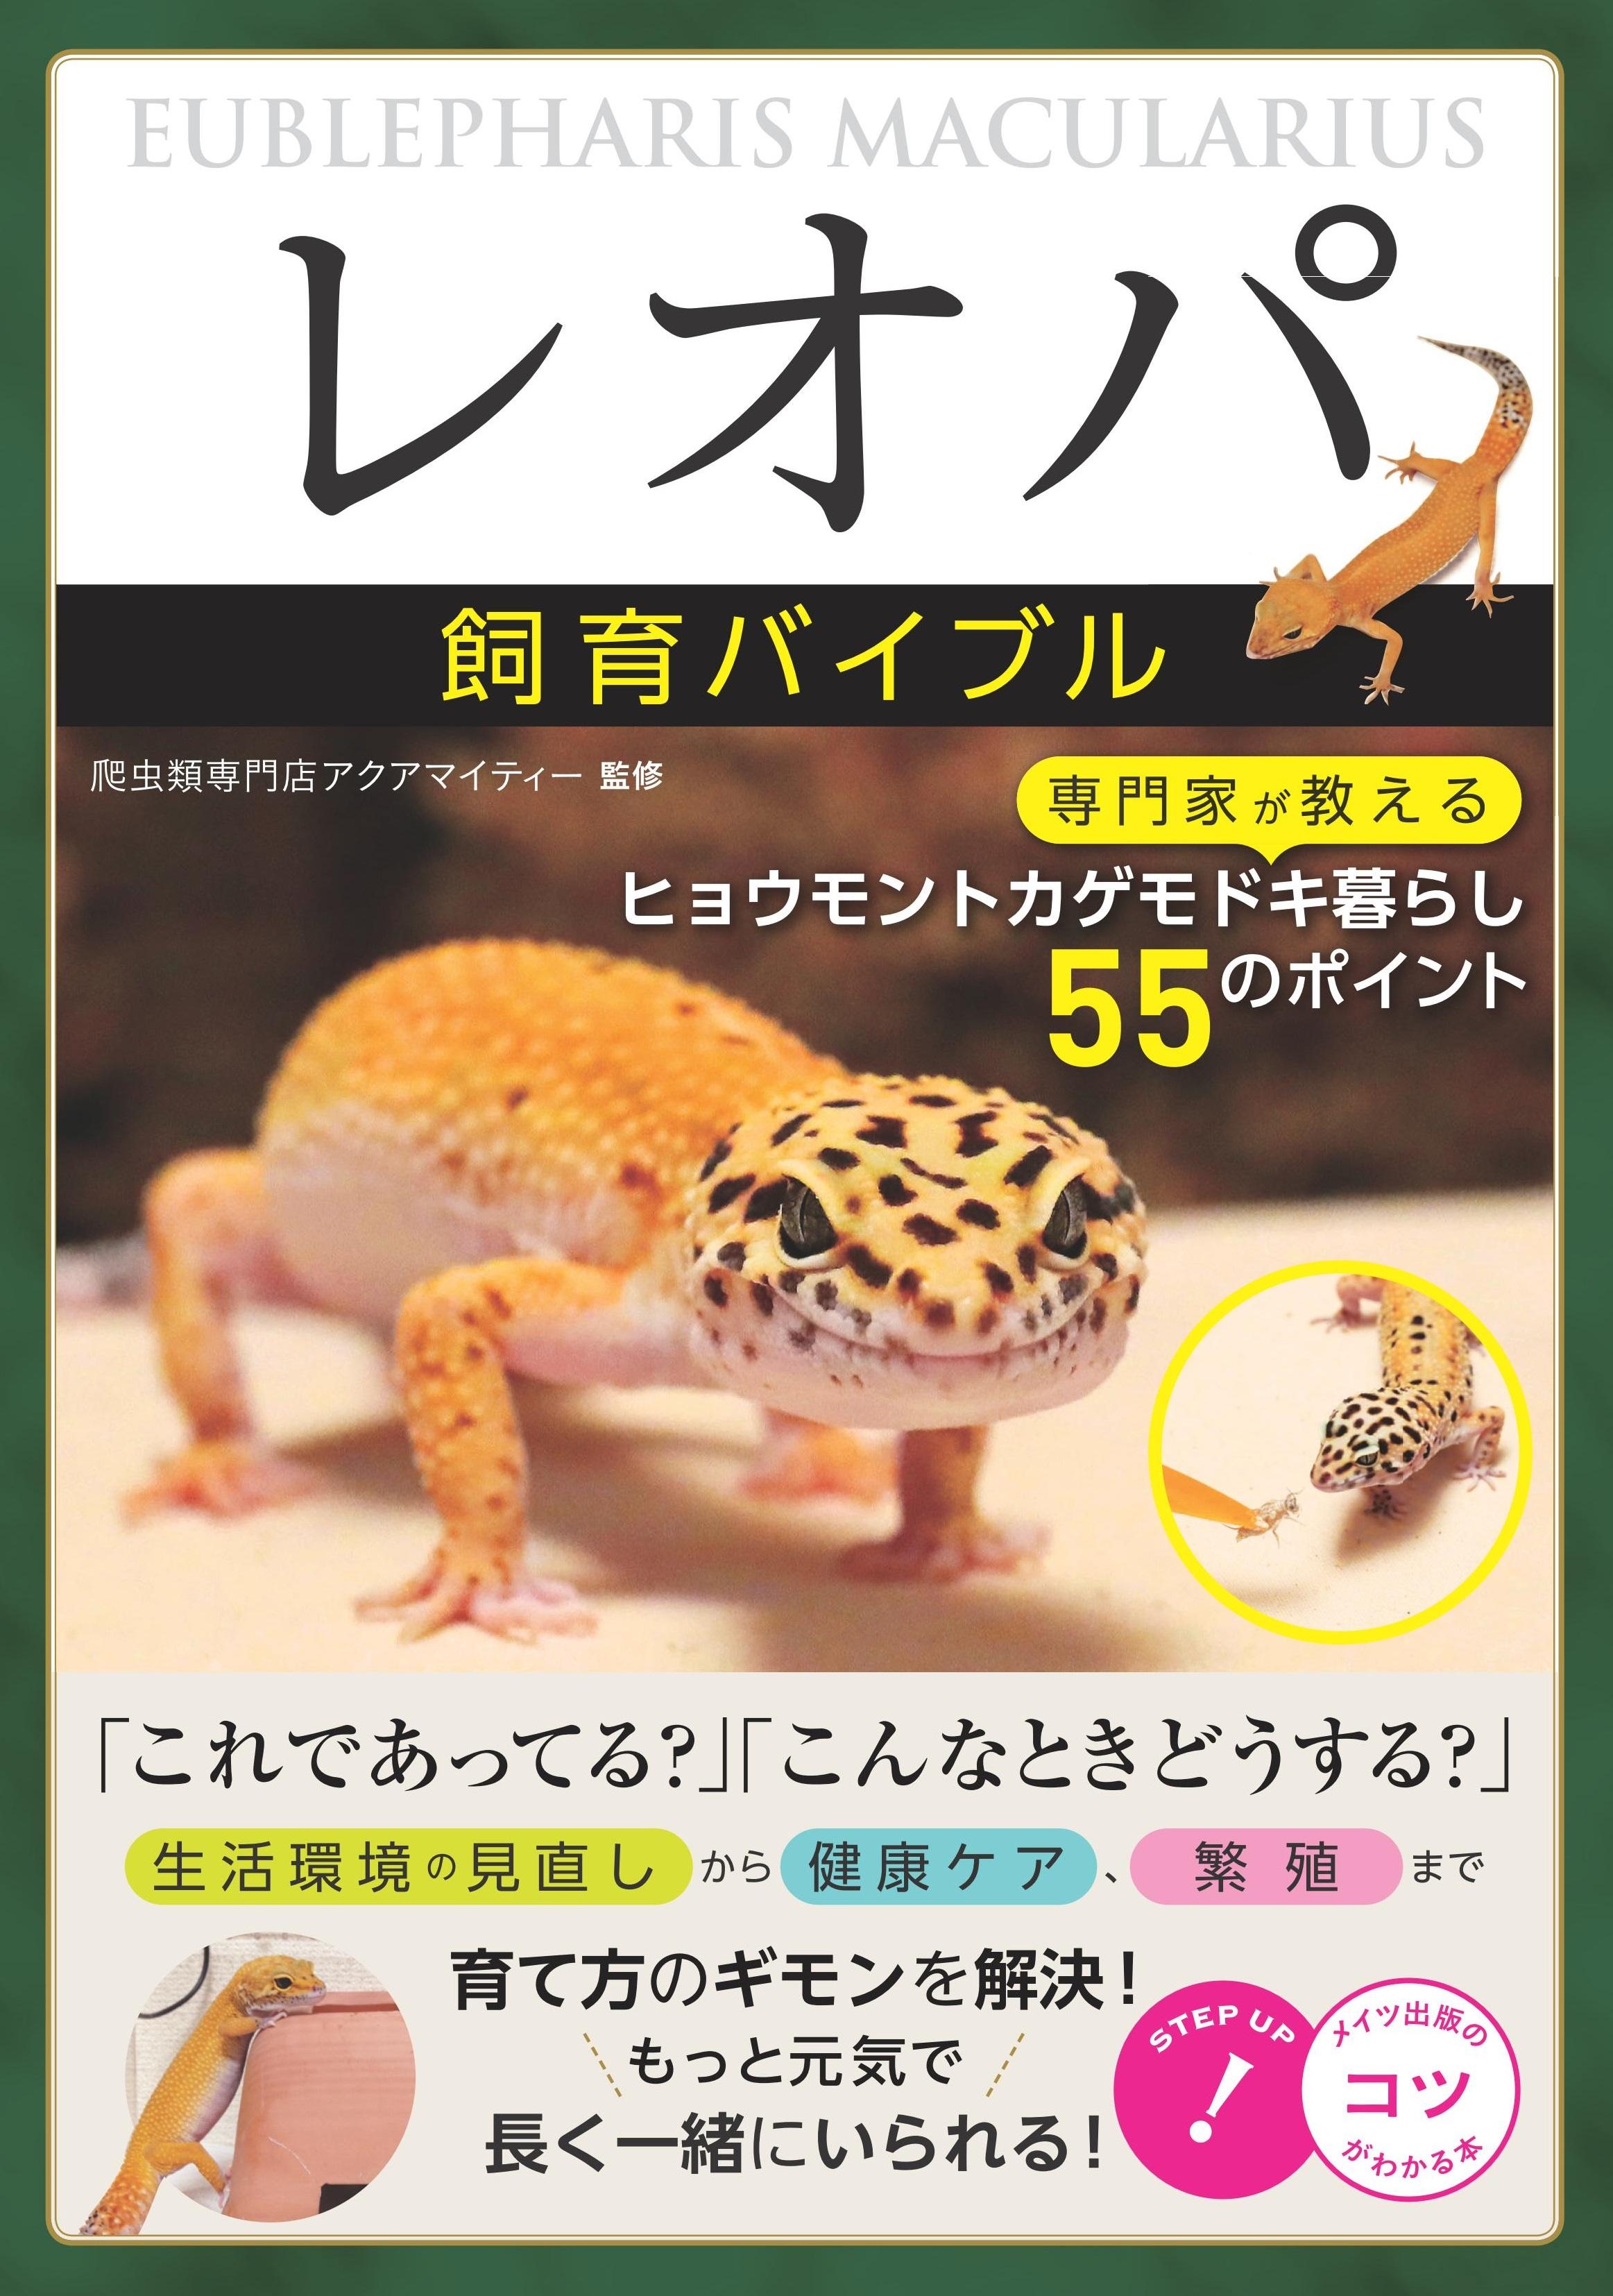 「レオパ」飼育バイブル 専門家が教えるヒョウモントカゲモドキ暮らし 55のポイント